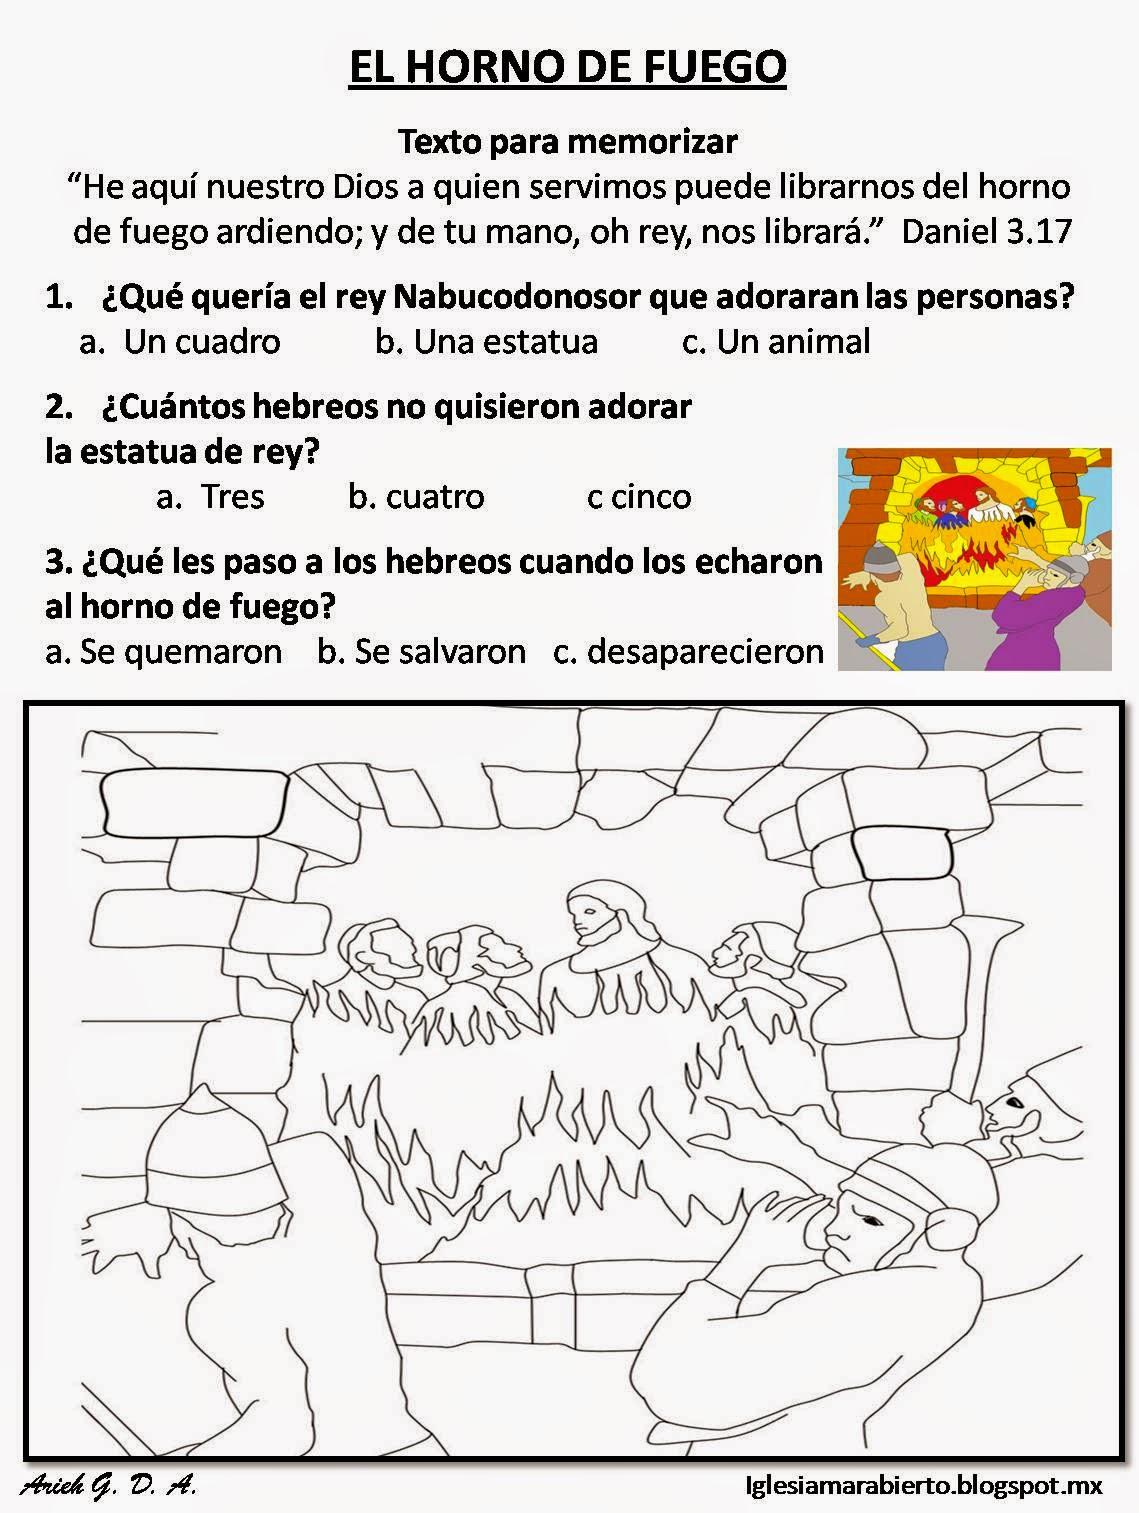 IGLESIA MAR ABIERTO: Clase para niños cristianos EL HORNO ...